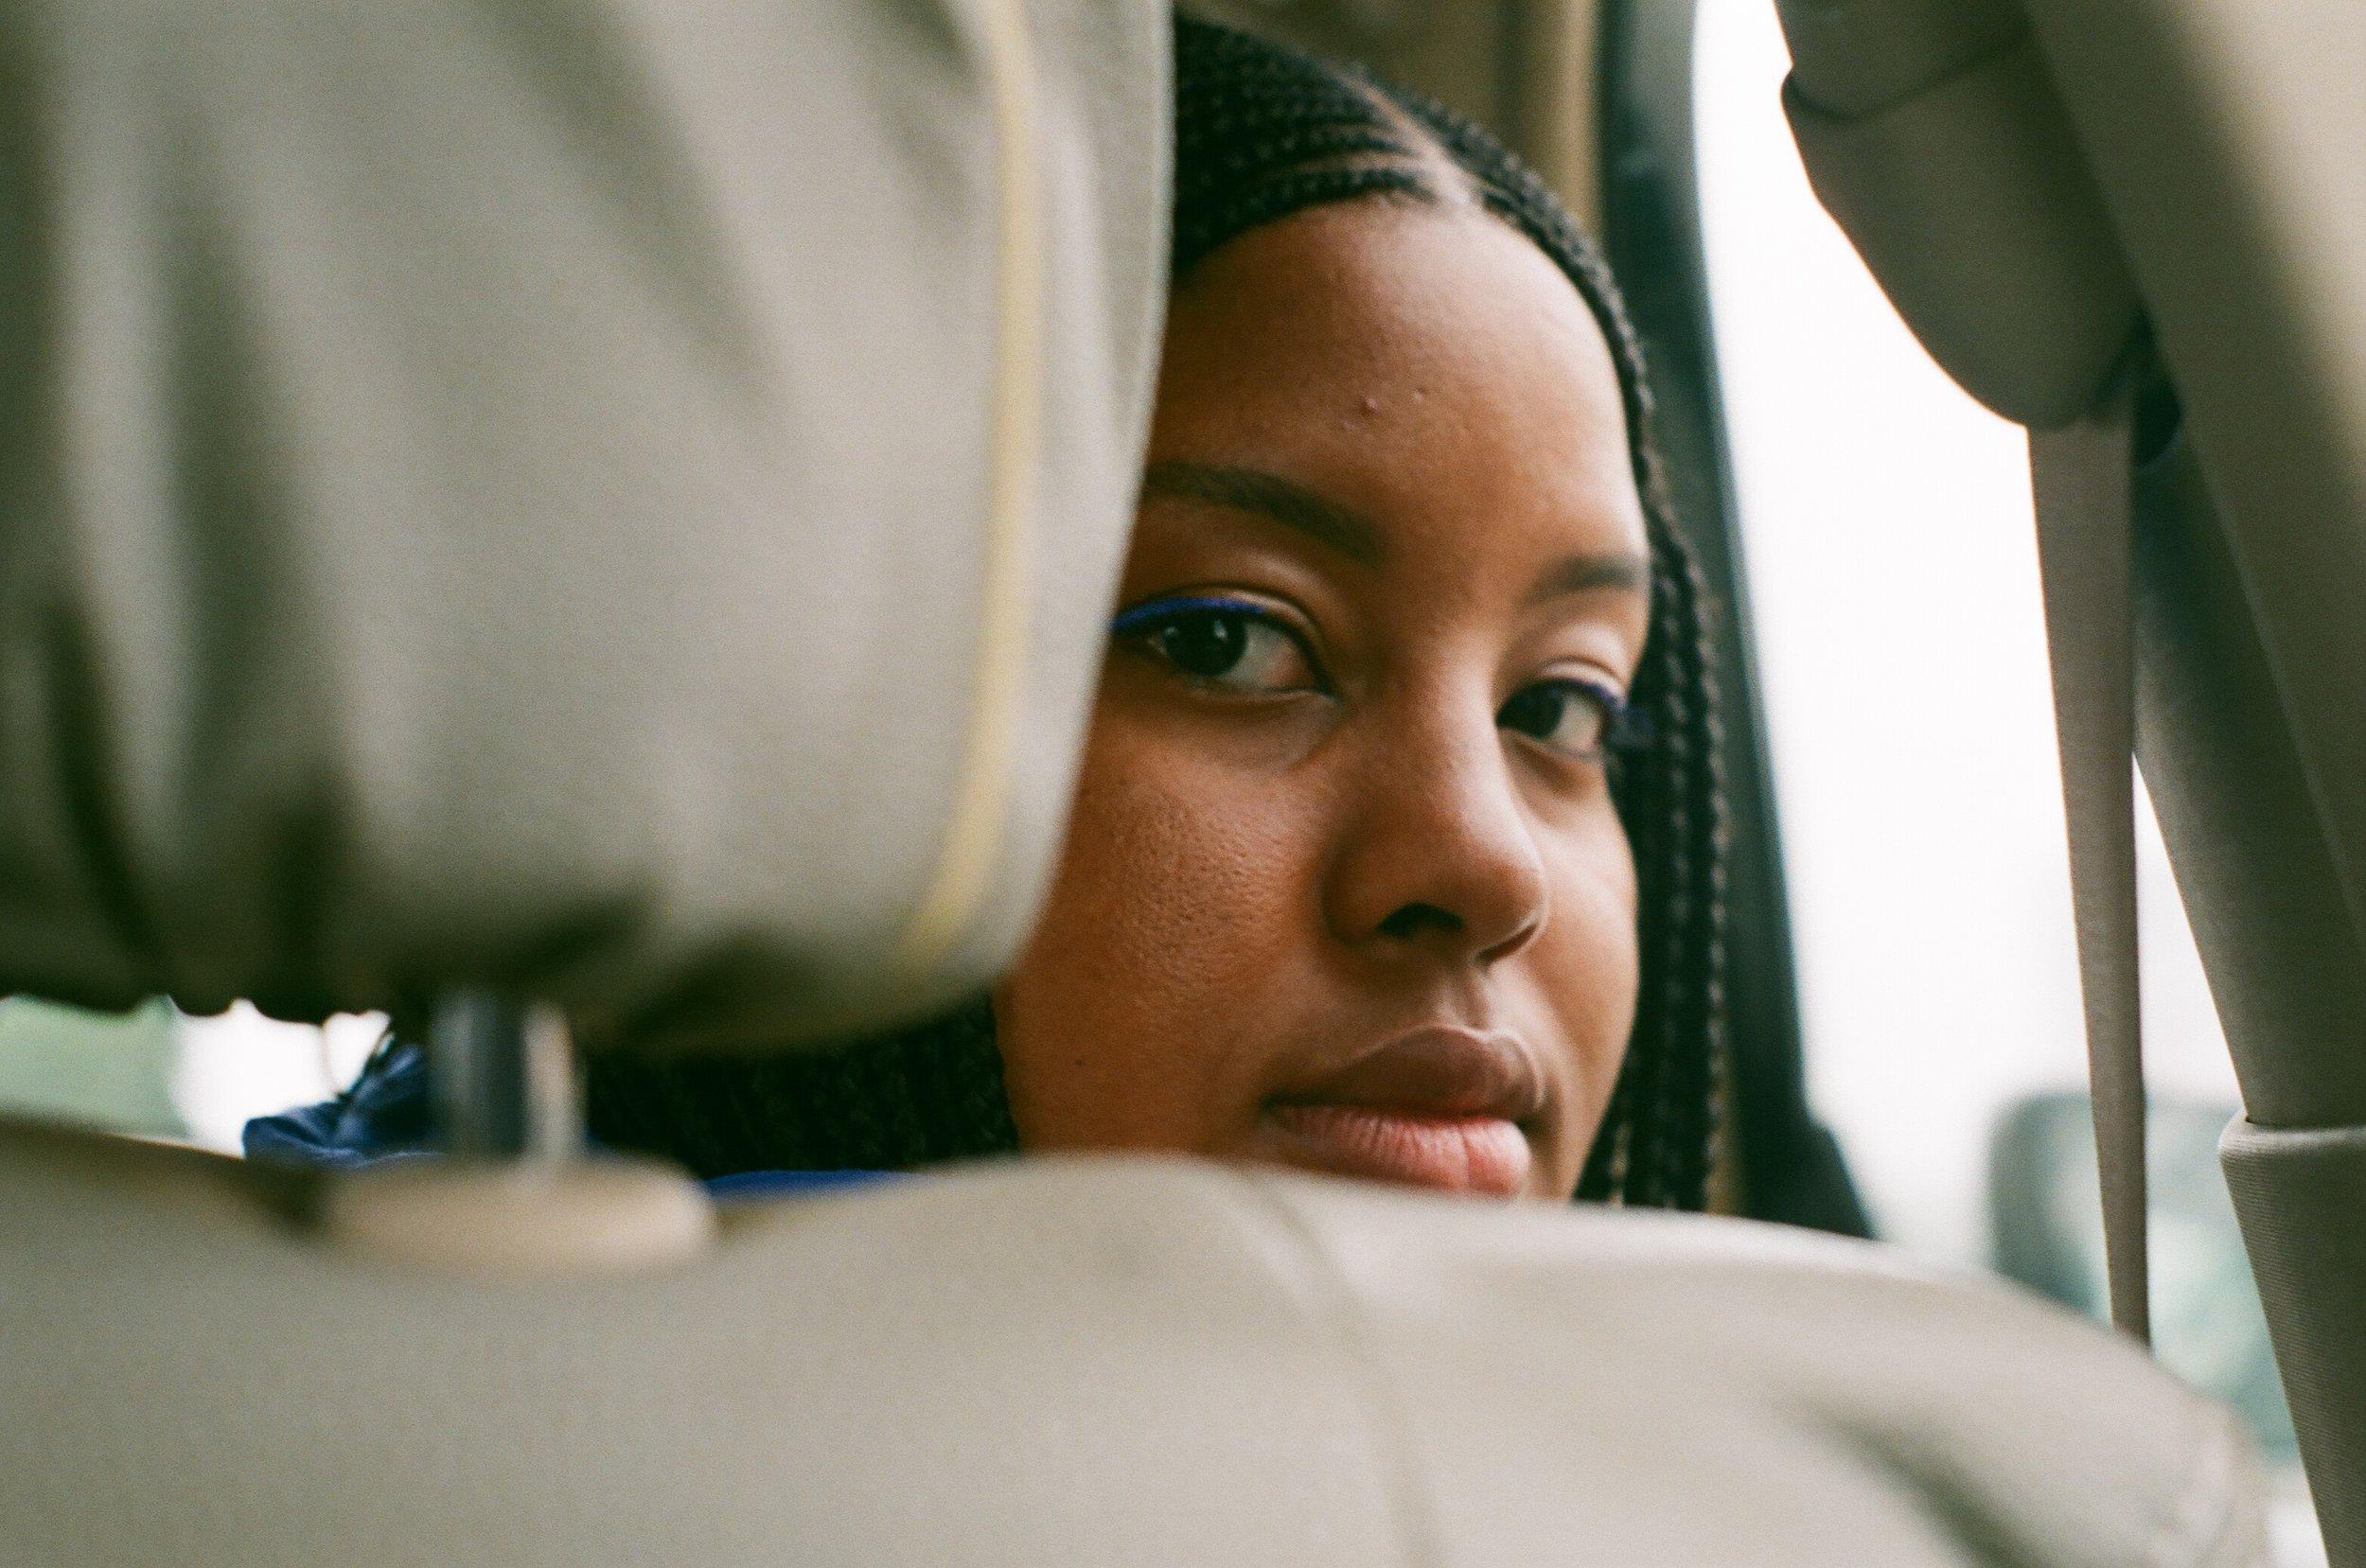 Photograph taken en route to Elmina Caste